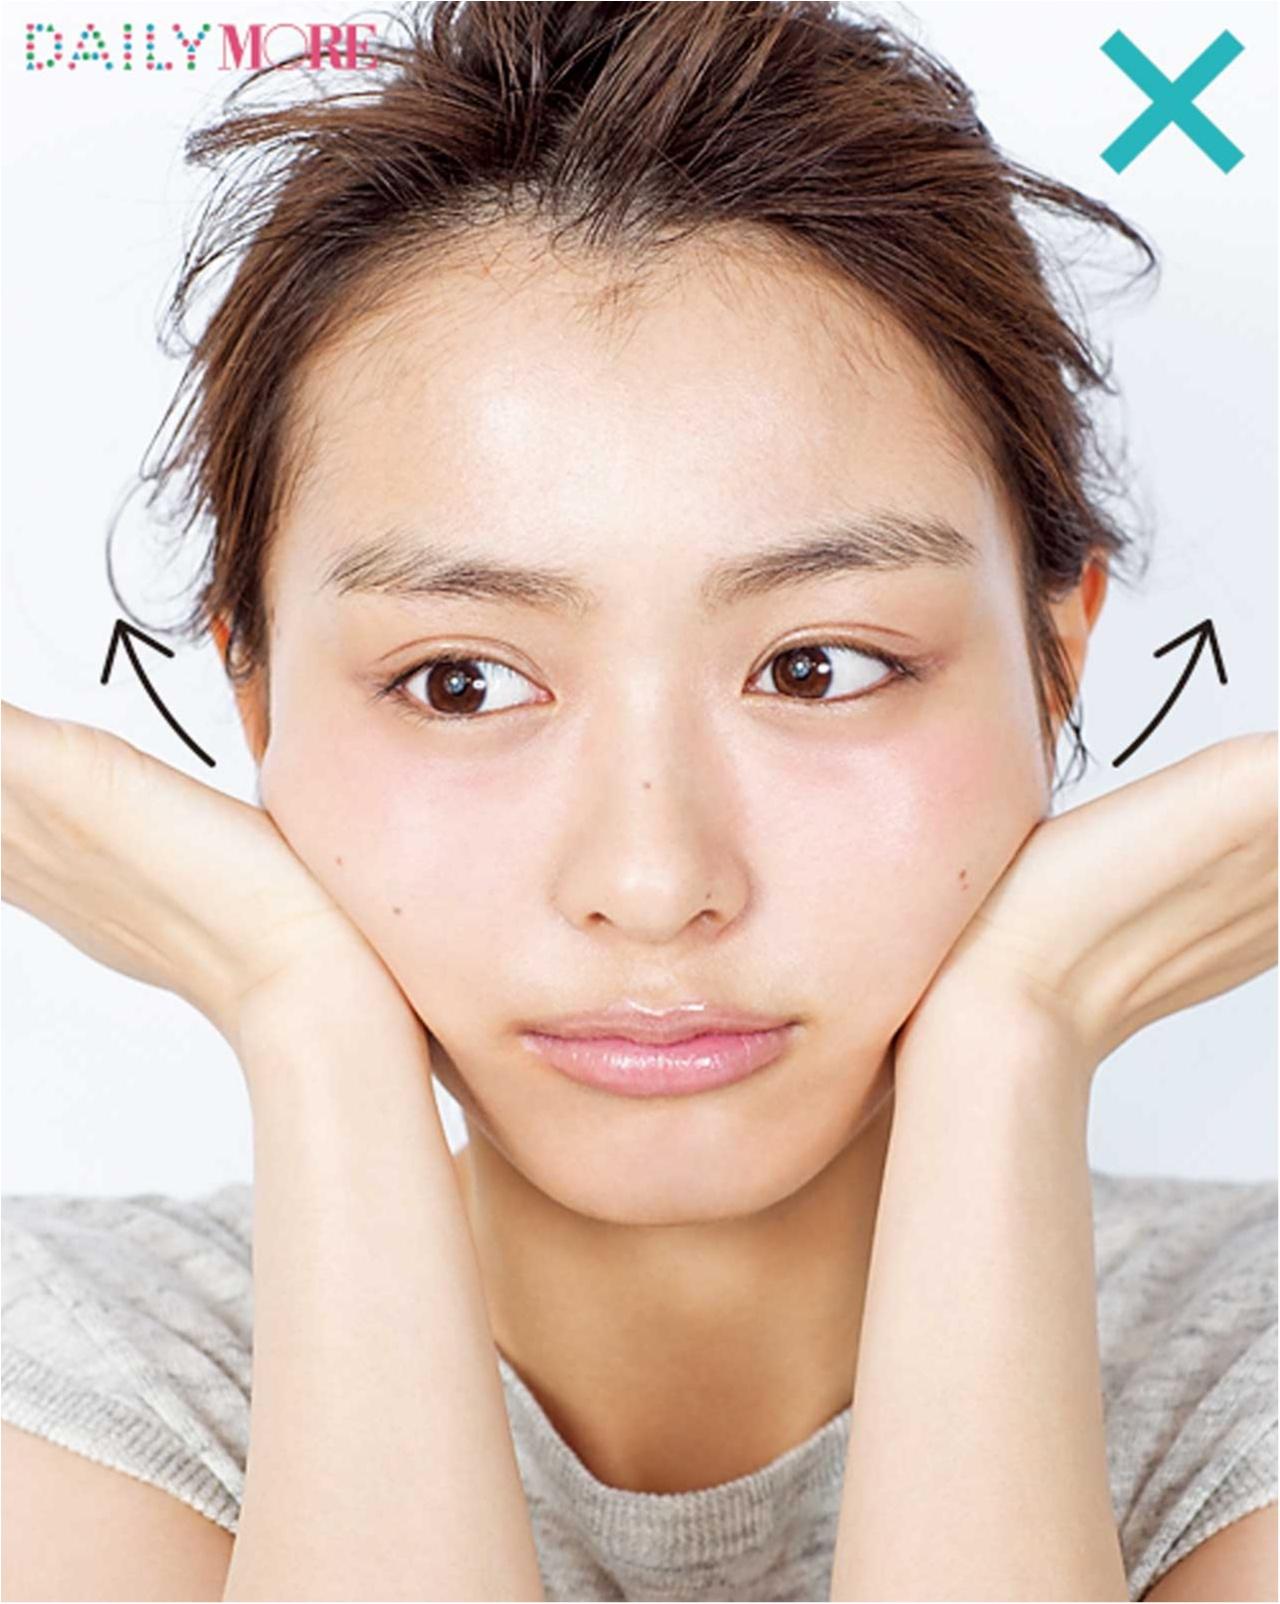 小顔マッサージ特集 - すぐにできる! むくみやたるみを解消してすっきり小顔を手に入れる方法_71